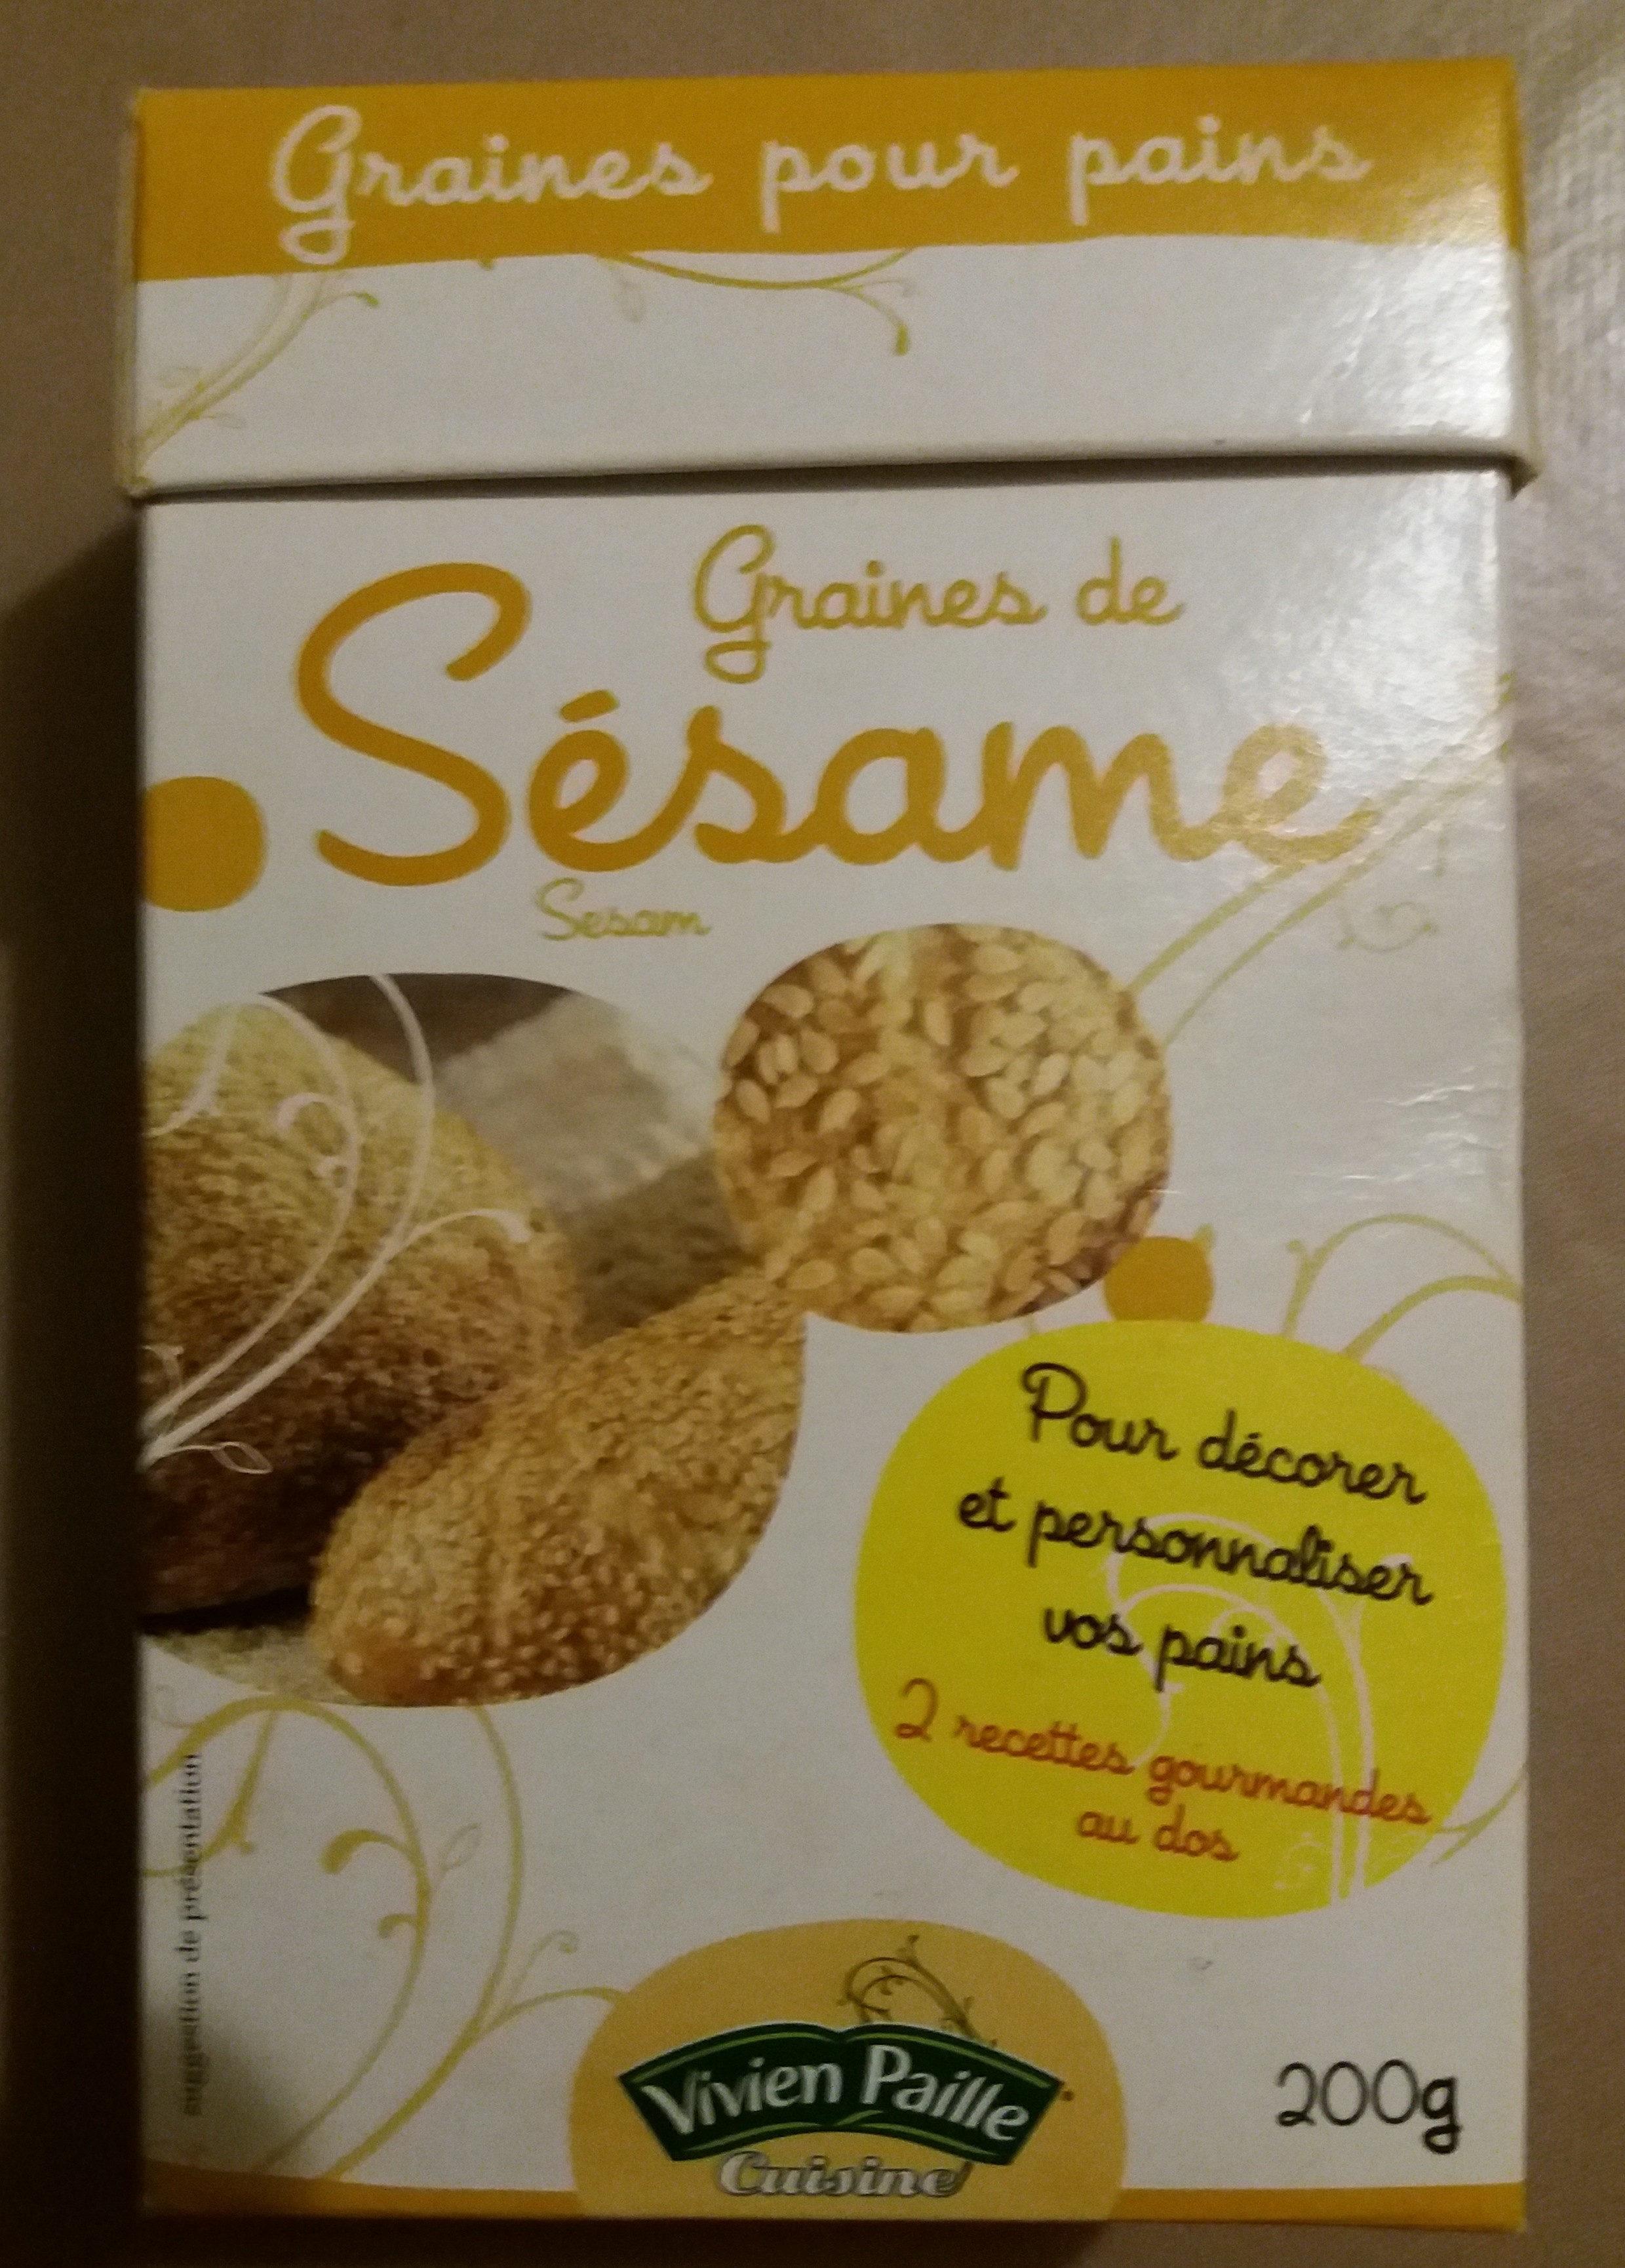 Graines de sésame Vivien Paille, Pour pain - Produit - fr